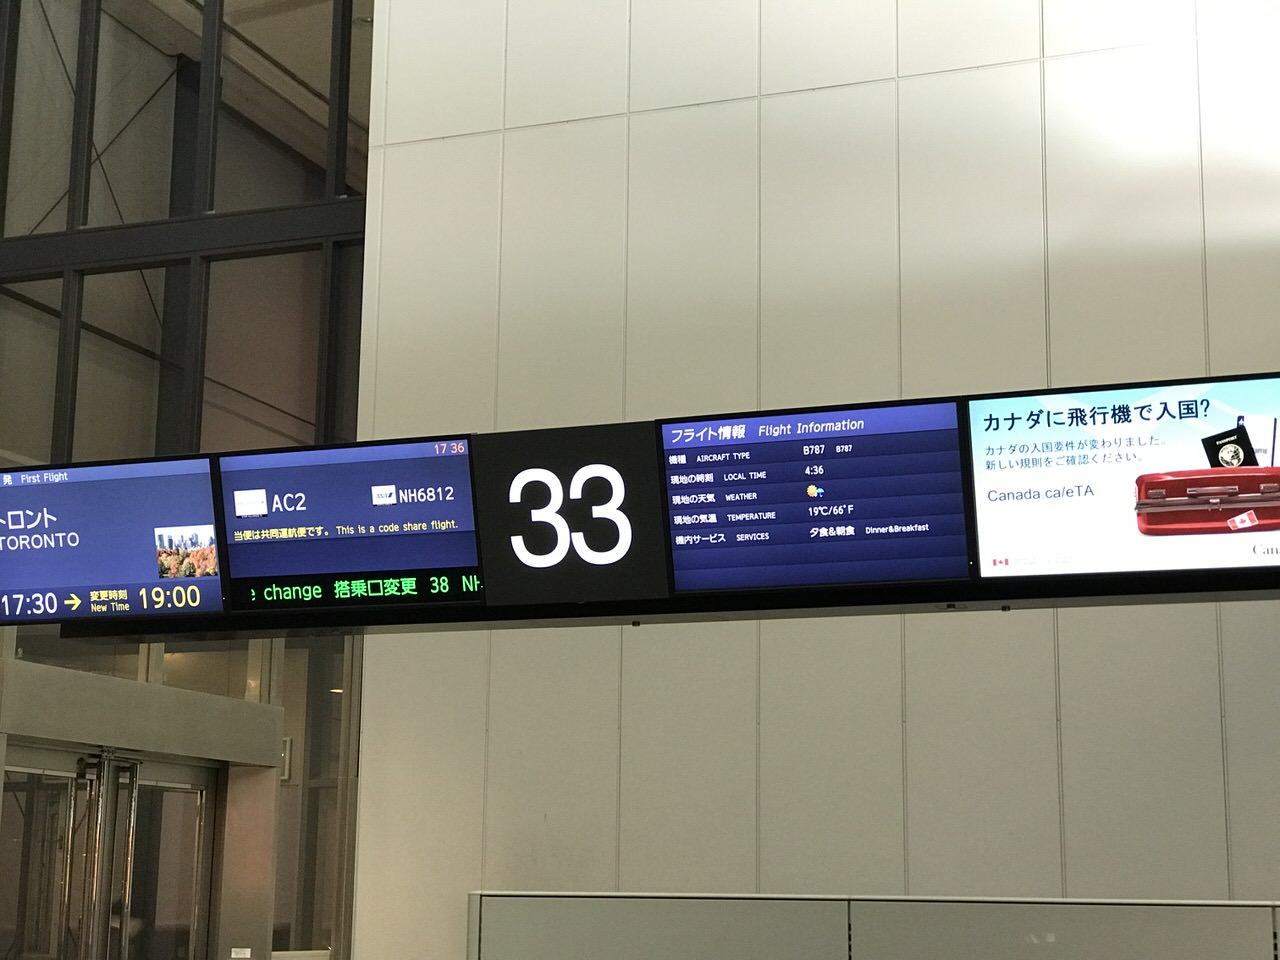 【エア・カナダ】成田空港からトロント経由モントリオールへ【AC002】